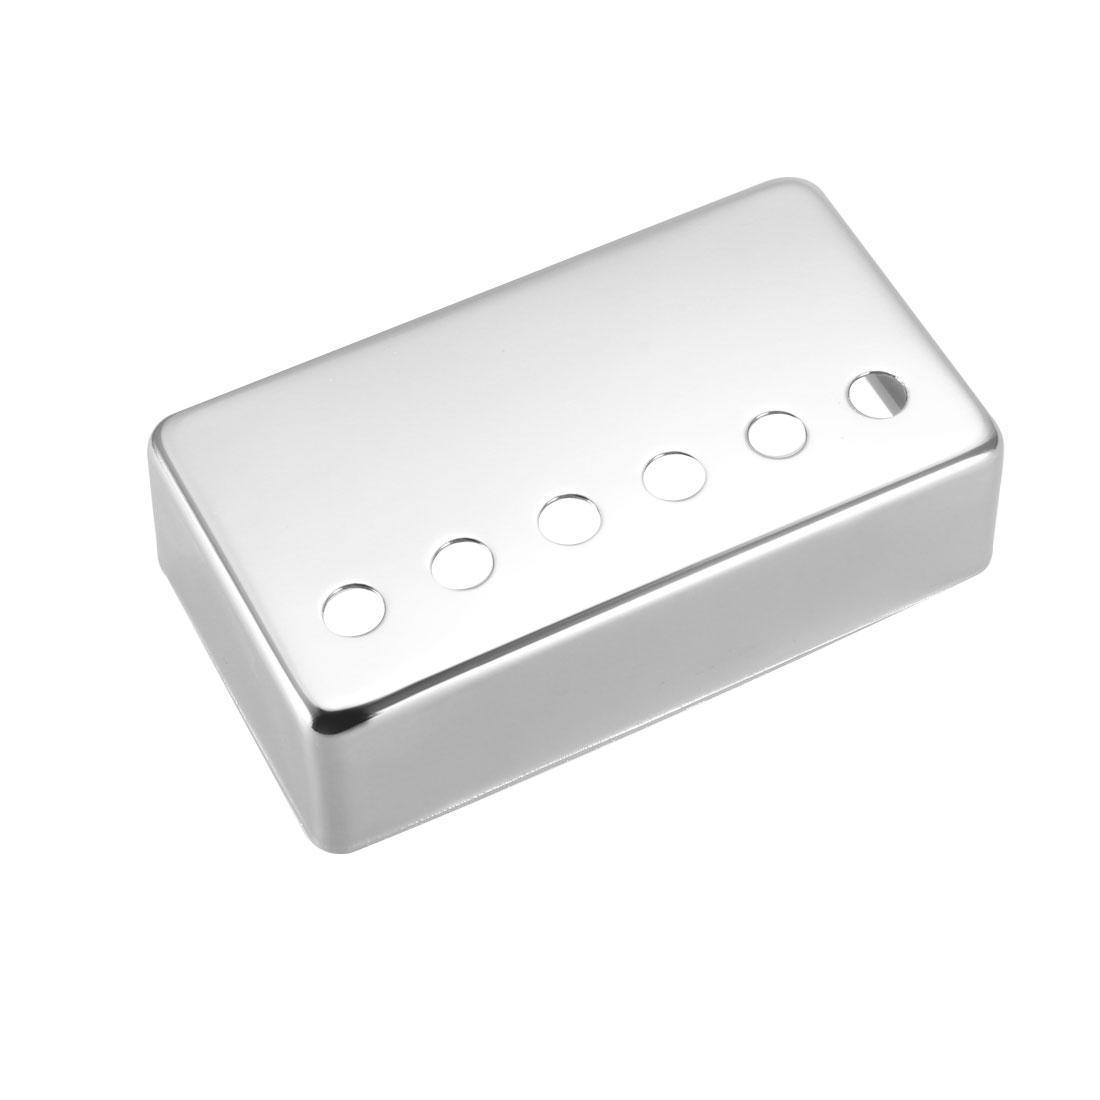 52mm Metal Humbucker Guitar Bridge Pickup Covers for Electric Guitar - Silver